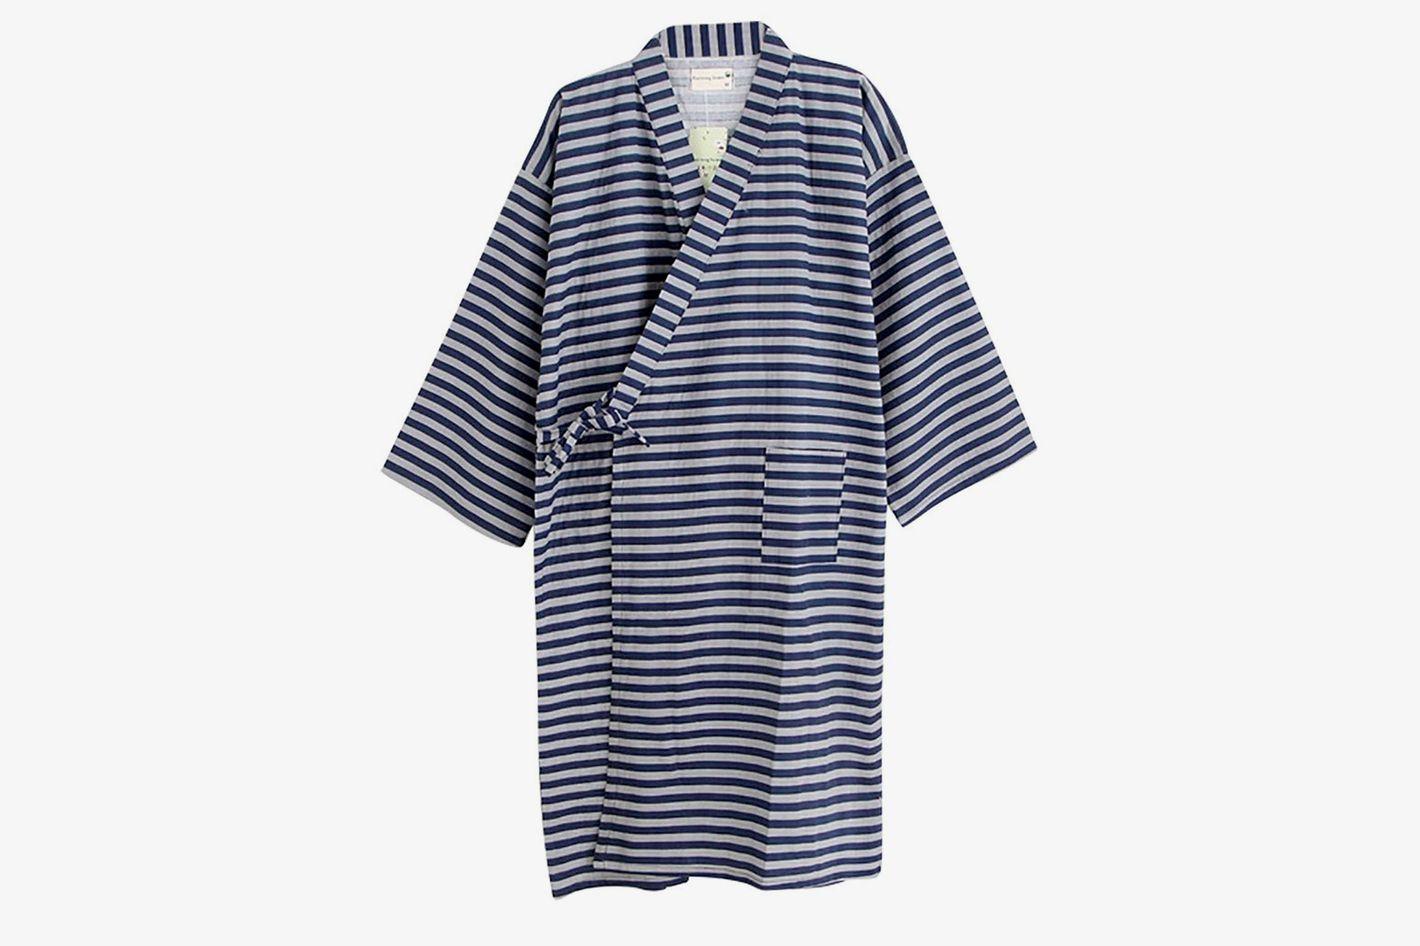 LONTG Sleepwear Plus-Size Cotton Robe Kimono